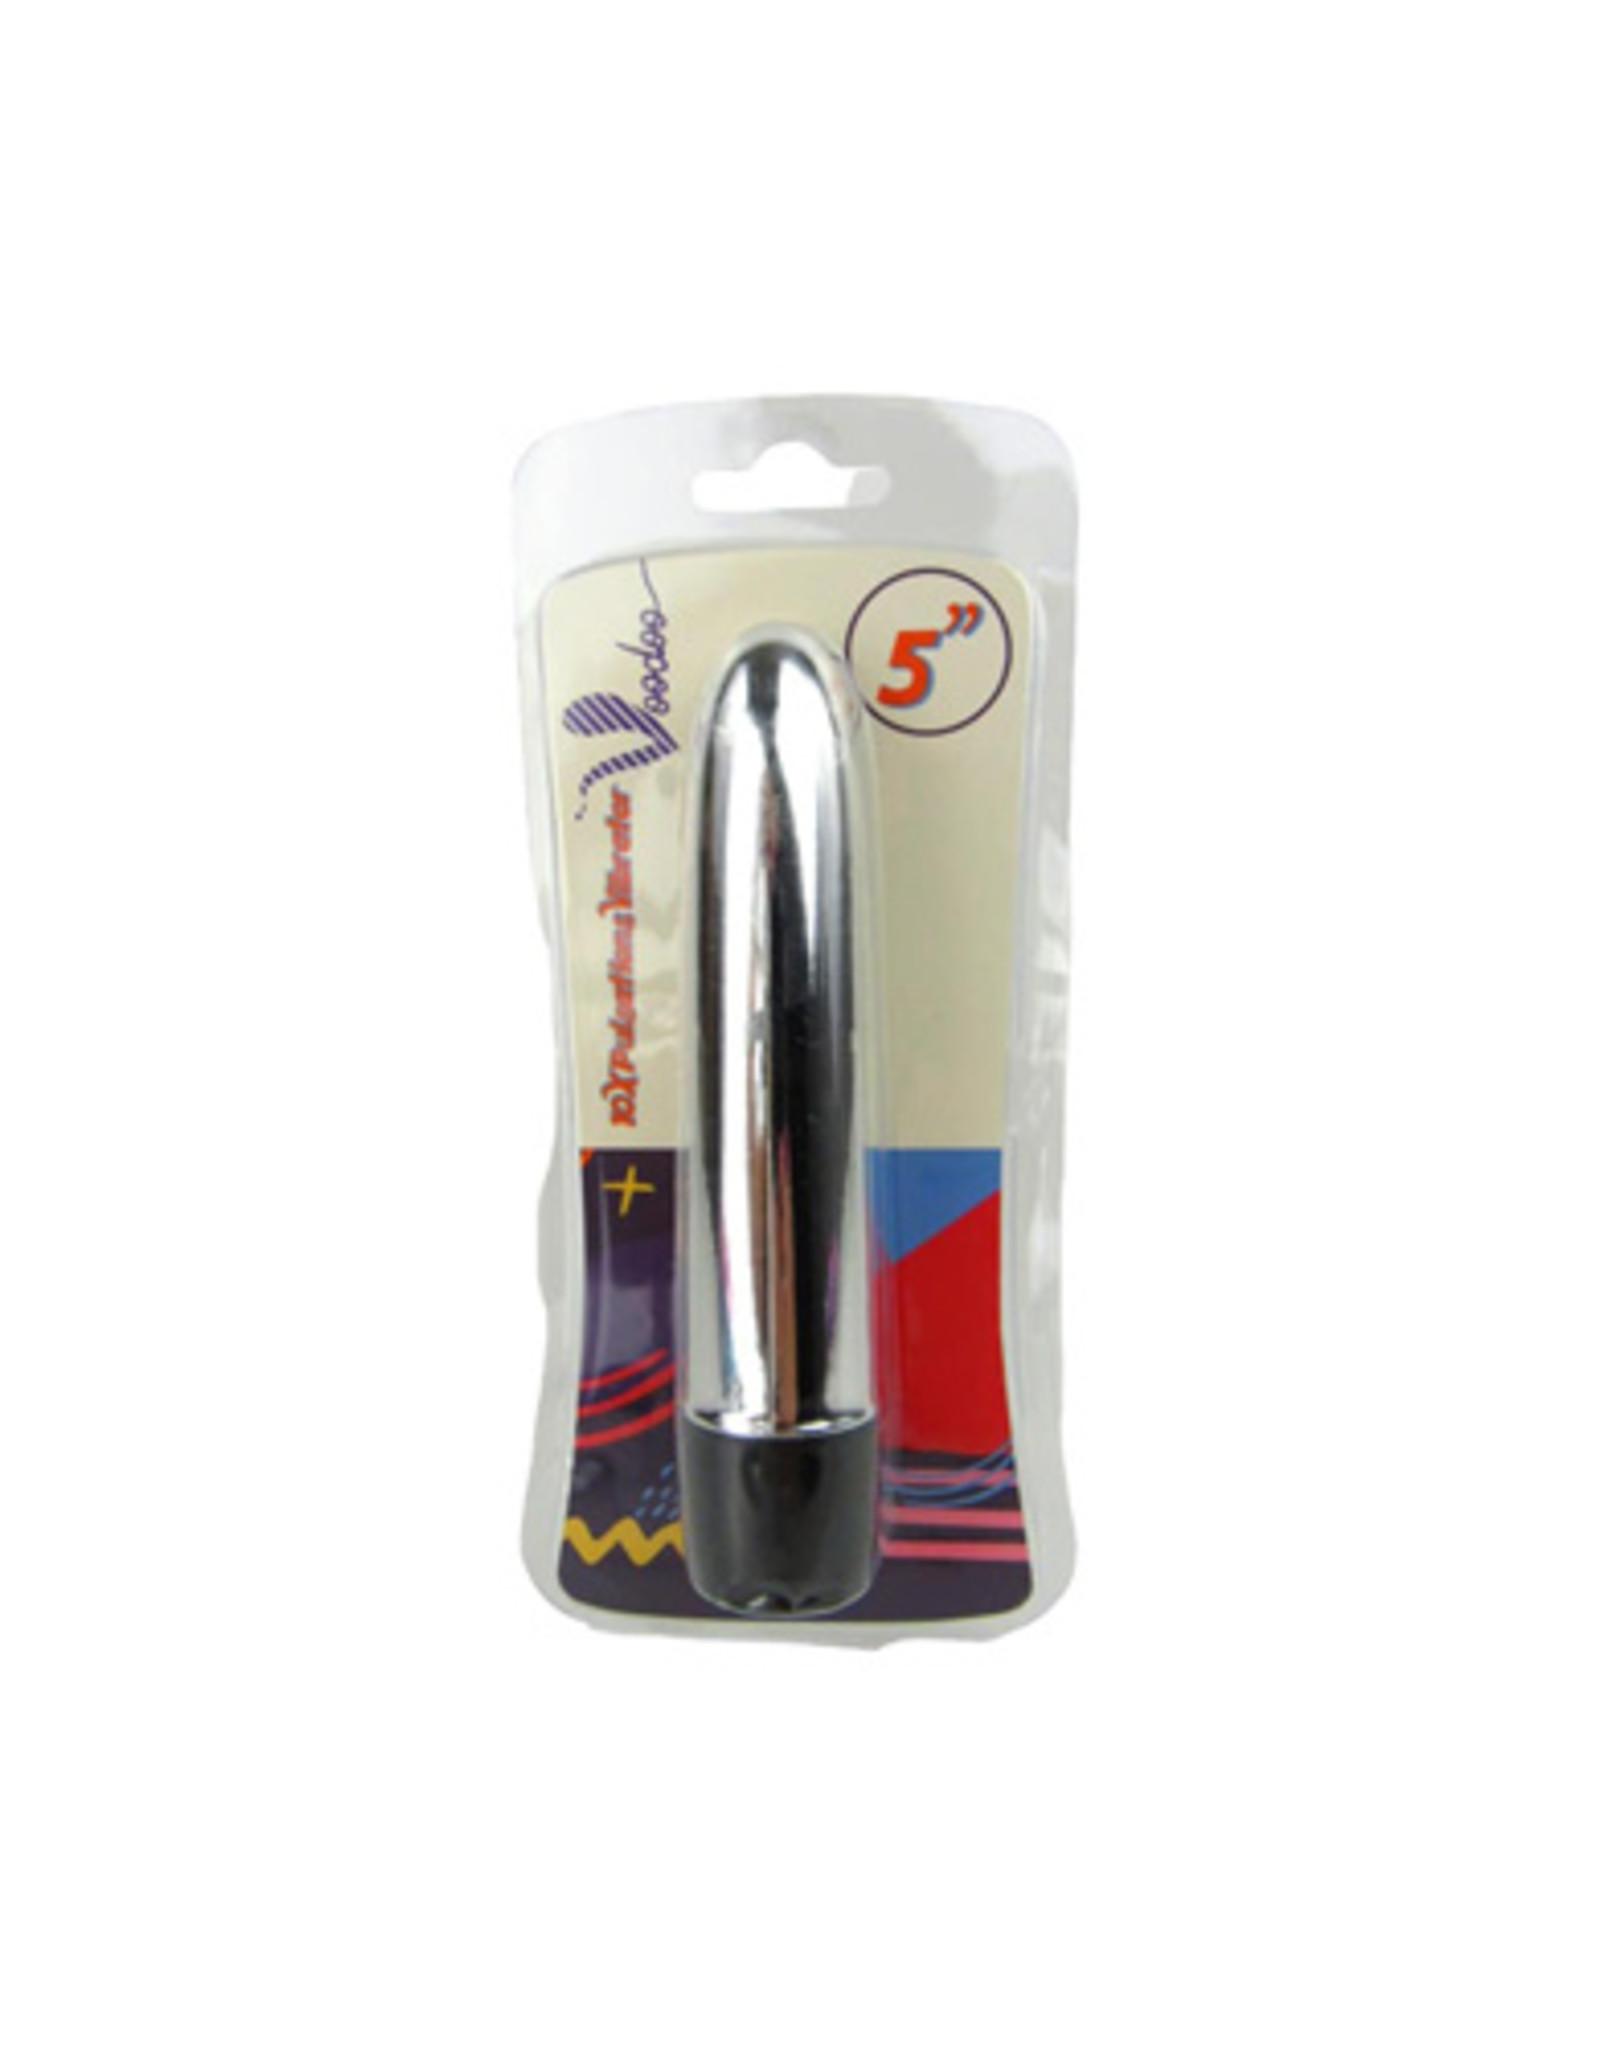 Voodoo Bullet Vibrator - Zilver